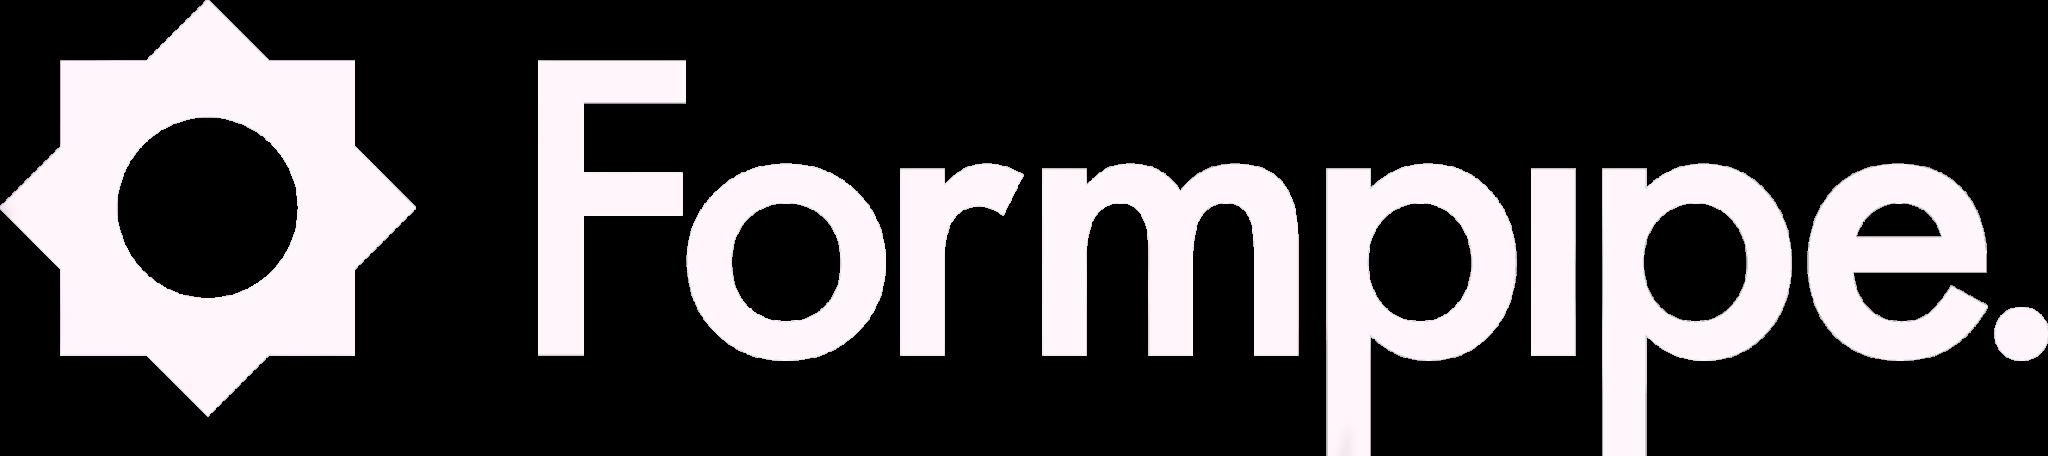 Formpipe logo white